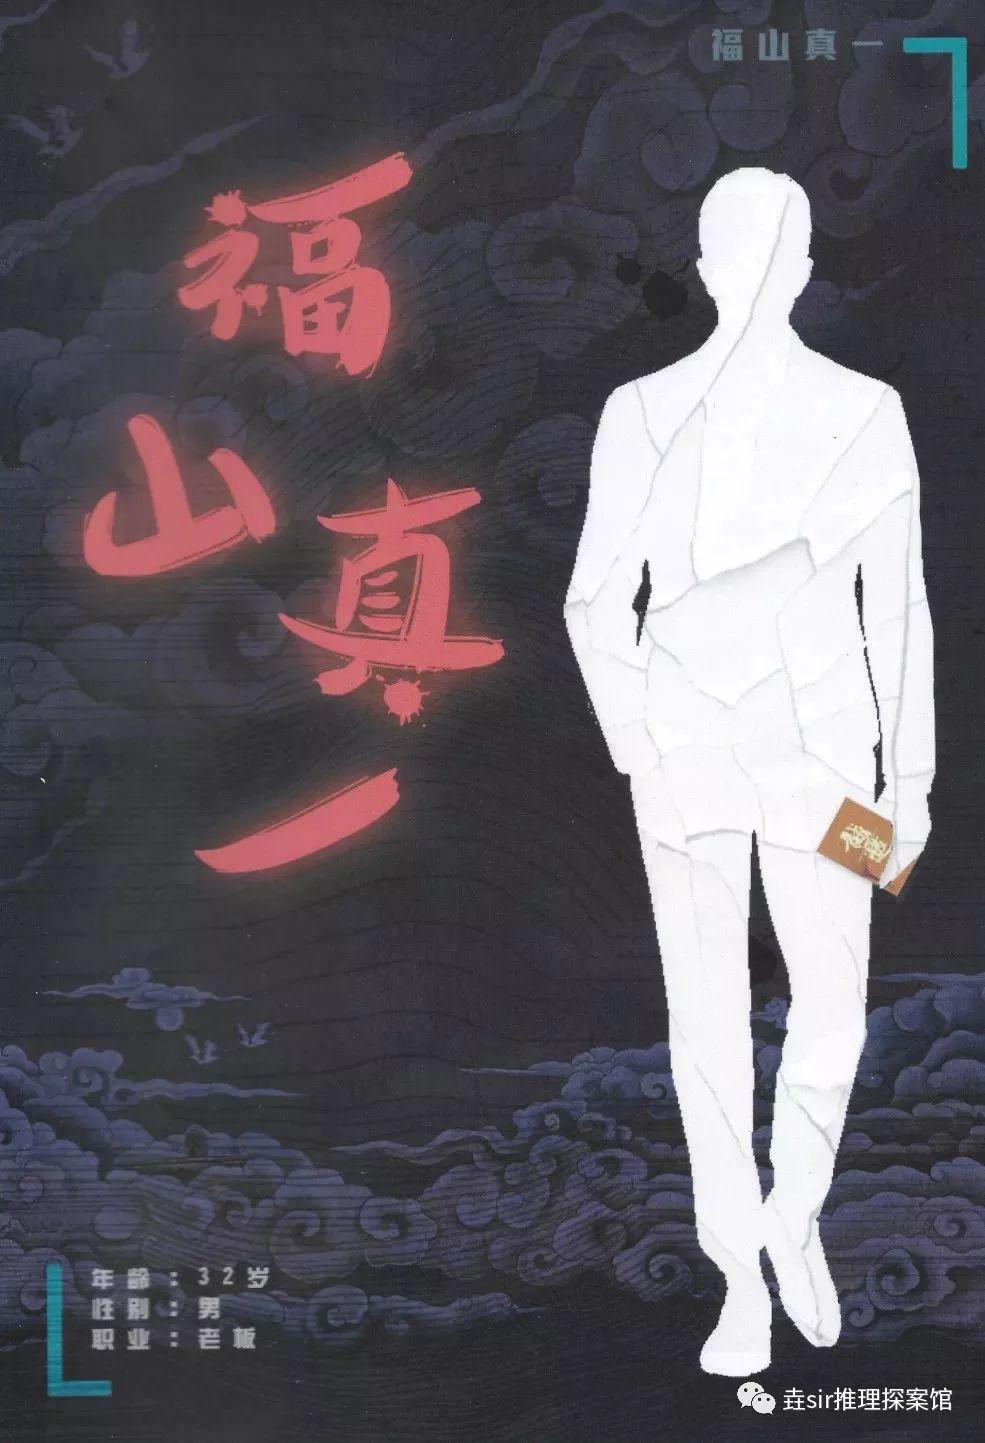 6人本《费马的审判》剧本线索复盘真相剧透结局真凶手是谁?%-site_name